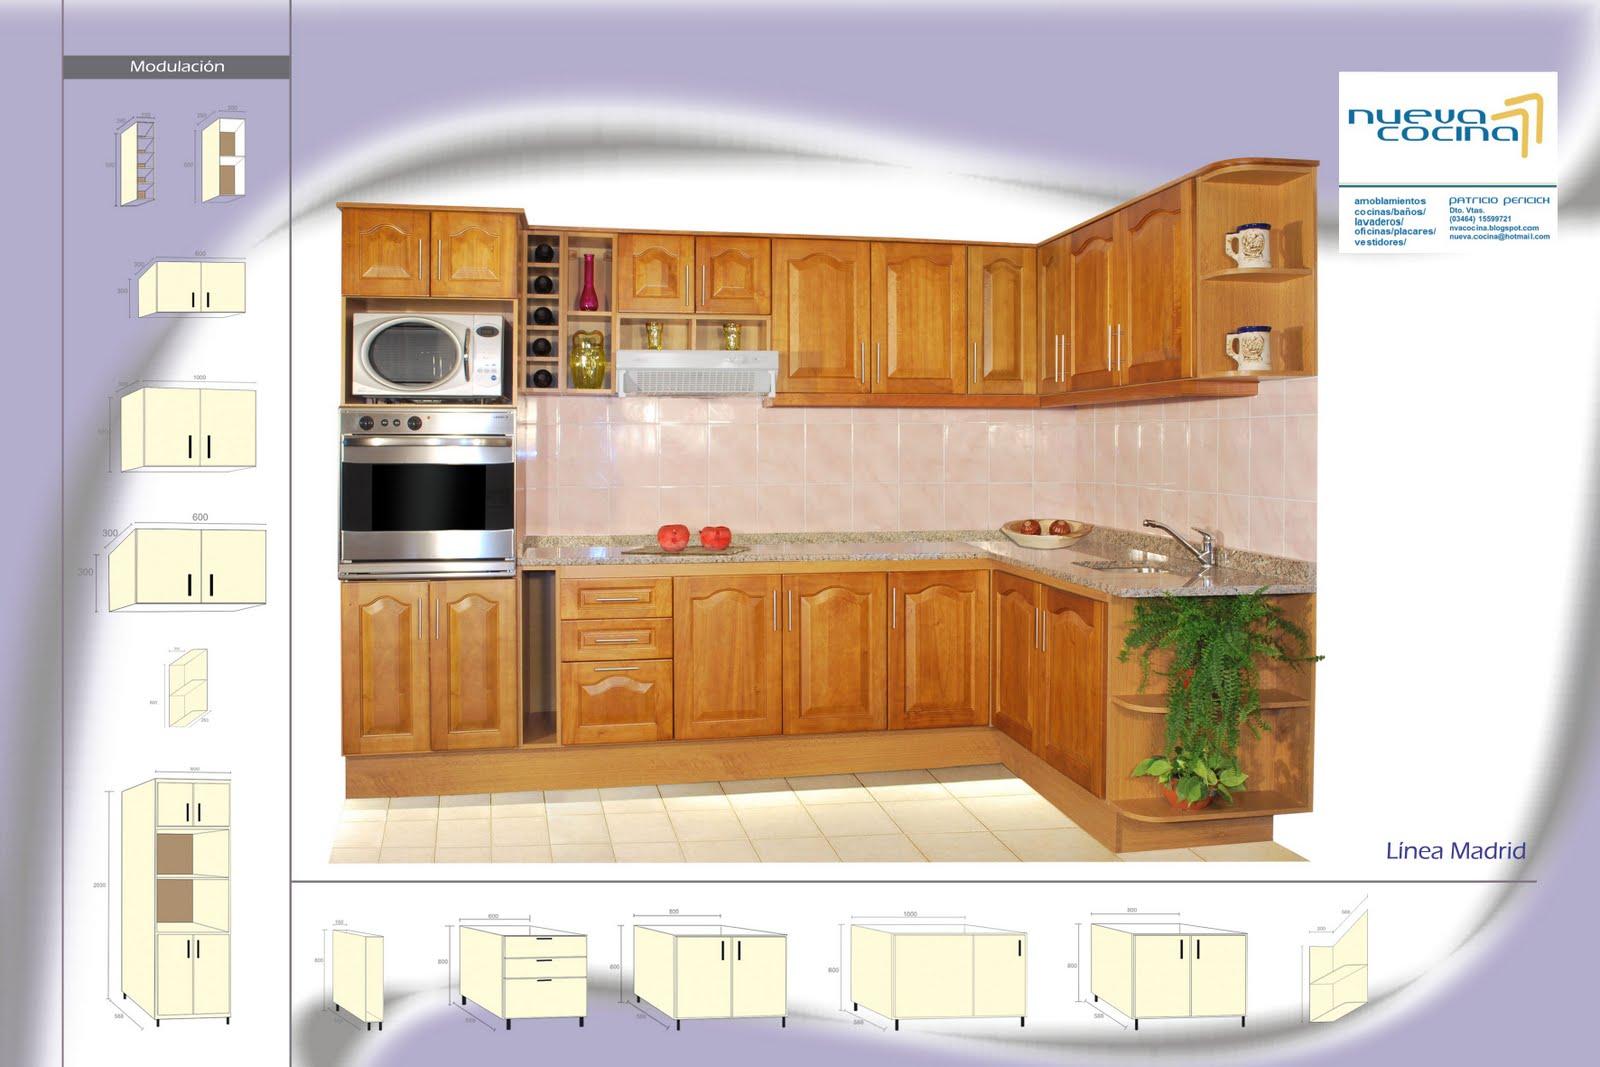 Muebles de cocina muebles para ba o muebles de dormitorios placard amob cocina - Tiradores para muebles de bano ...